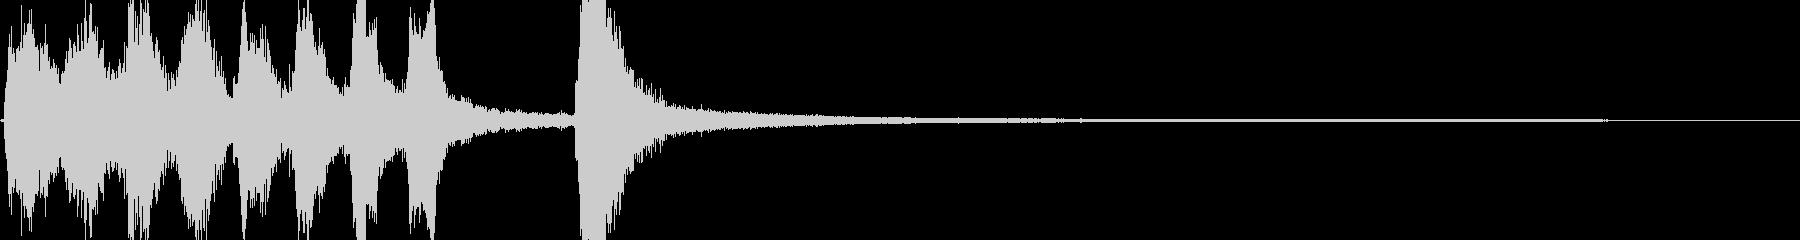 短いシンキングタイムイメージのジングルの未再生の波形